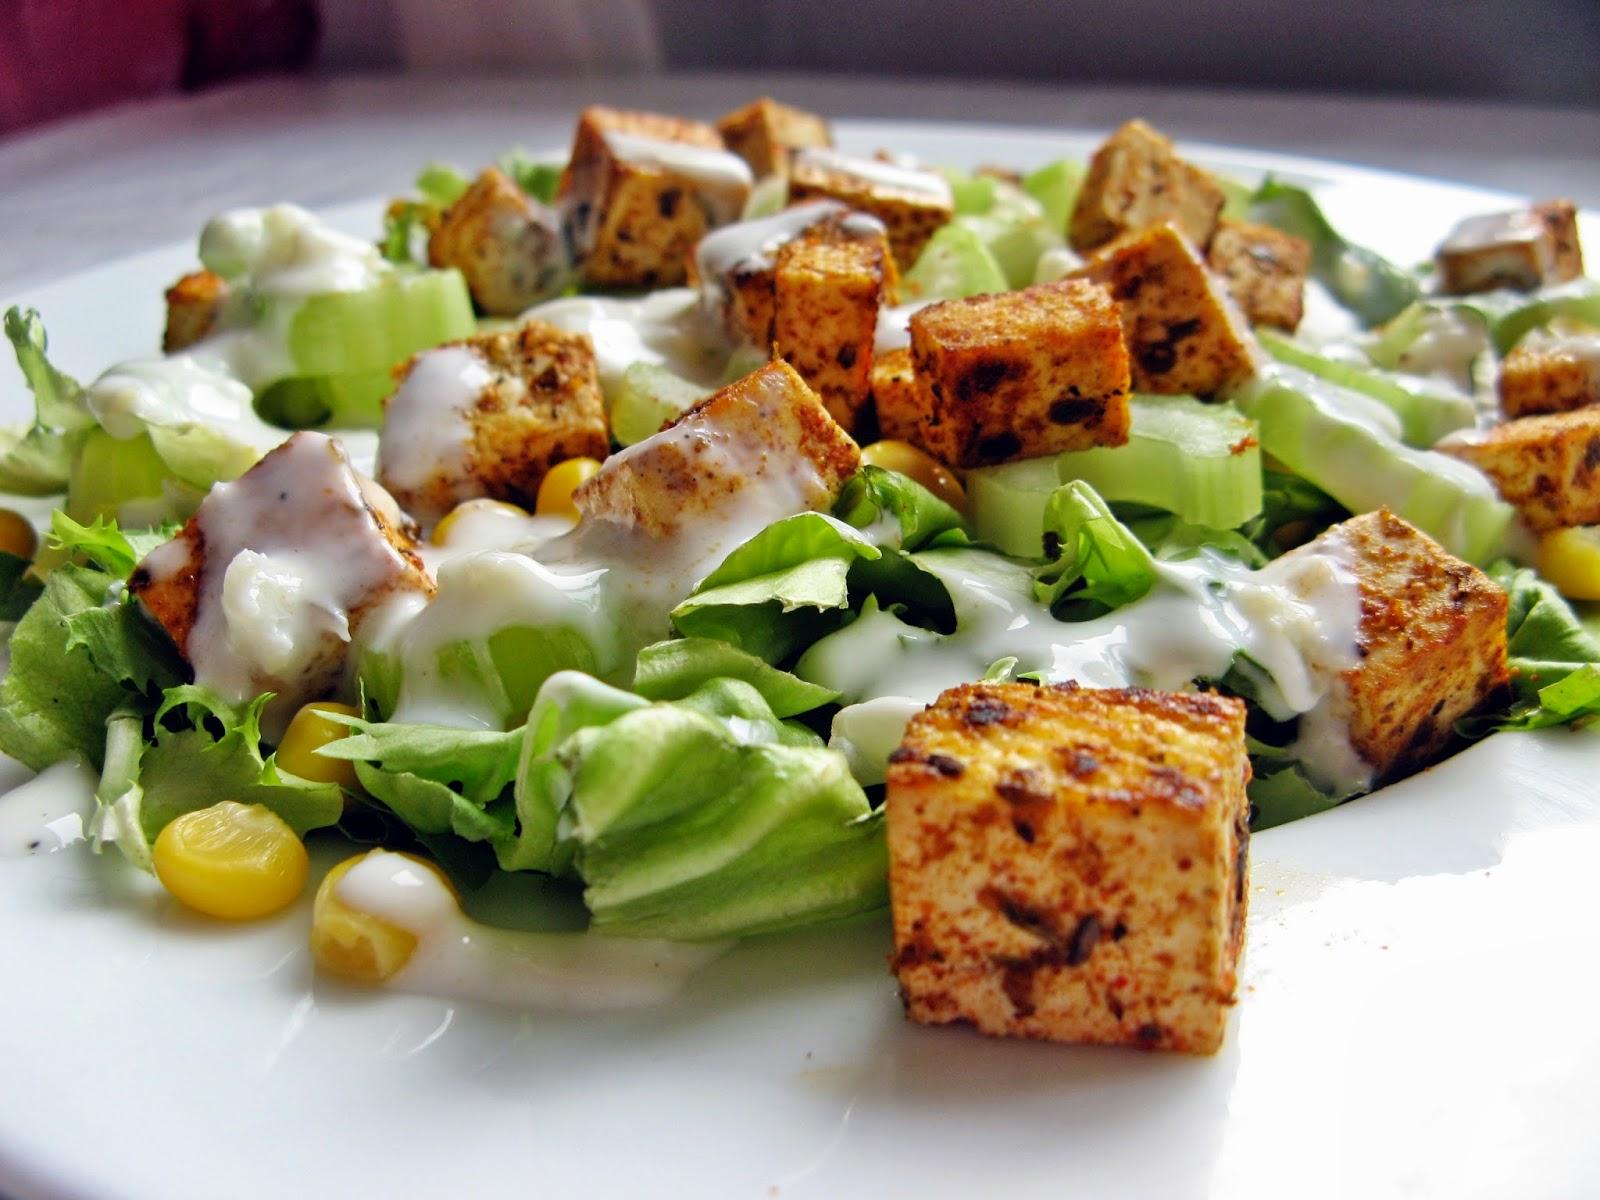 Wege sałatka z selerem naciowym i tofu